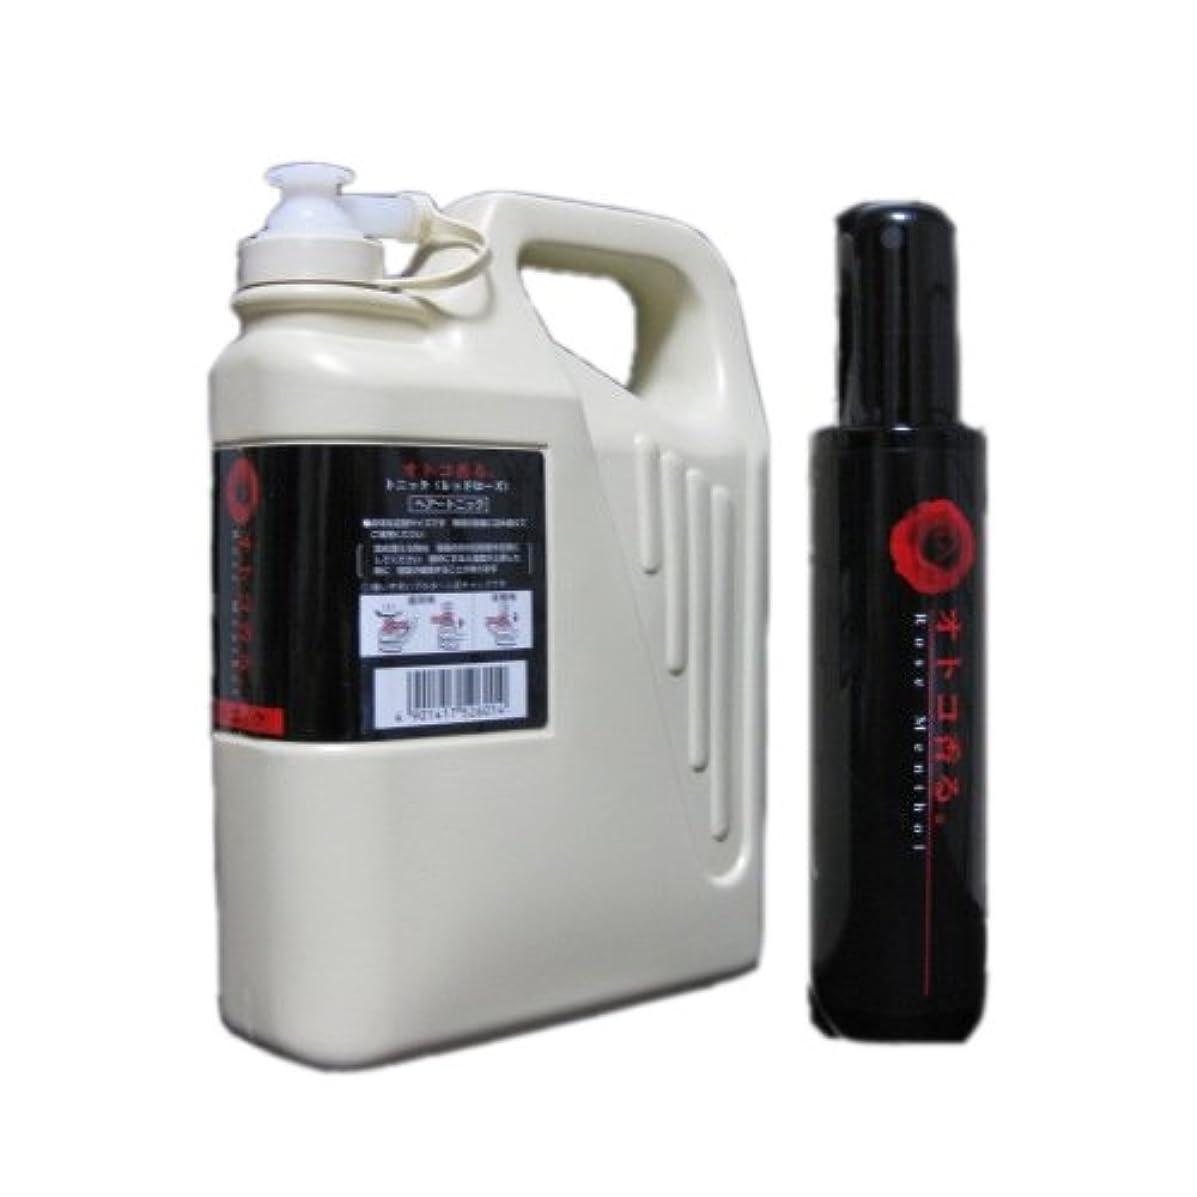 ノート連続的最初はクラシエ オトコ香る。フレグランストニック レッドローズ150ml+1050ml Lサイズ(業務?詰替用)セット